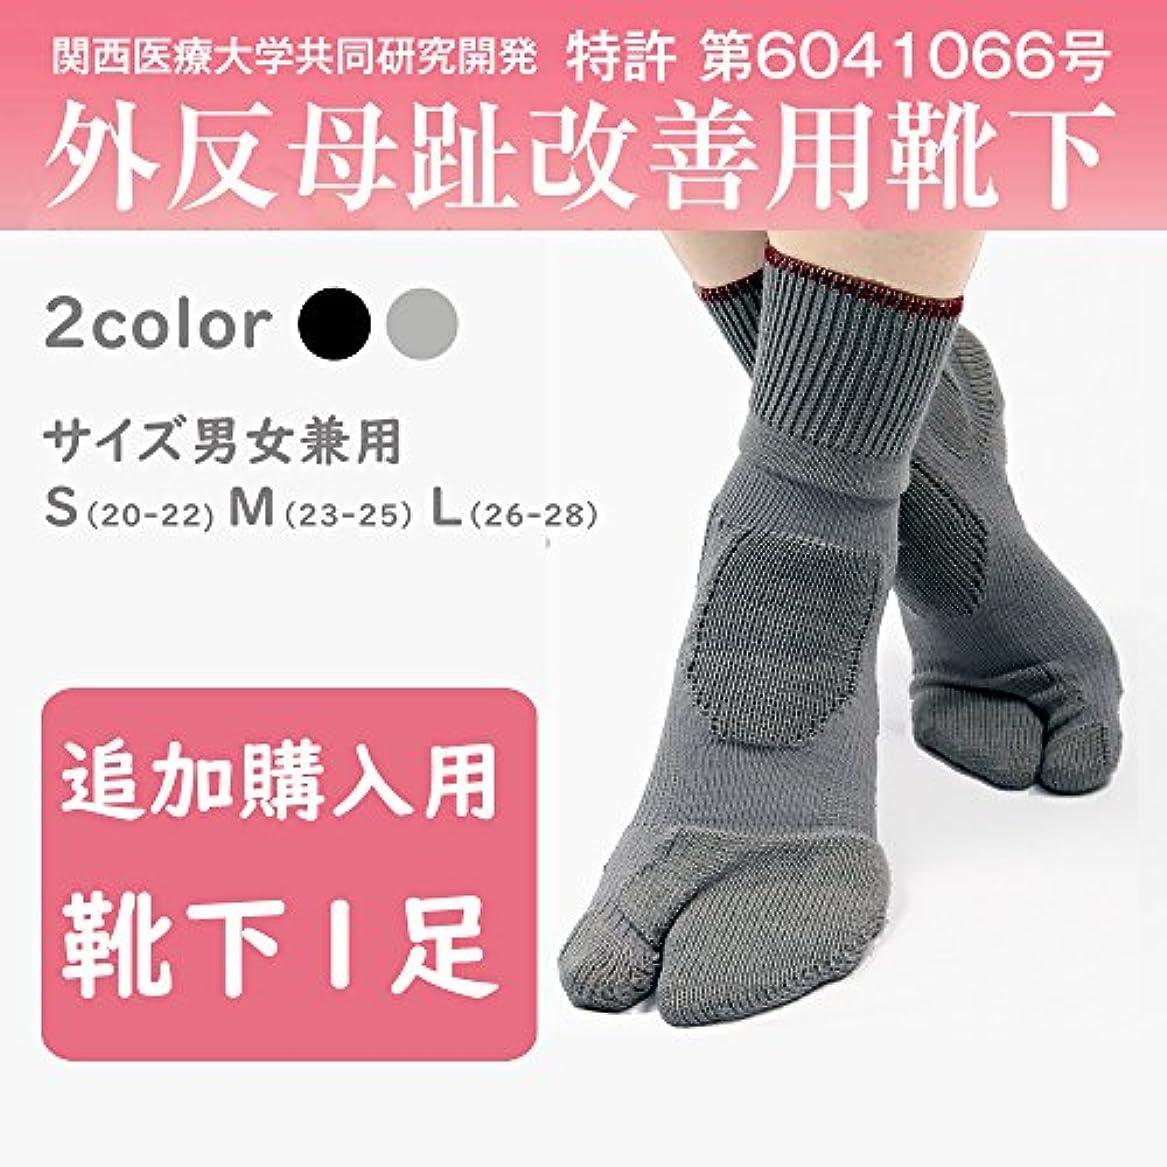 支出革新を必要としています外反母趾改善用靴下1足?追加購入用(カサネラボ)kasane lab. (ブラック, M:23-25cm)